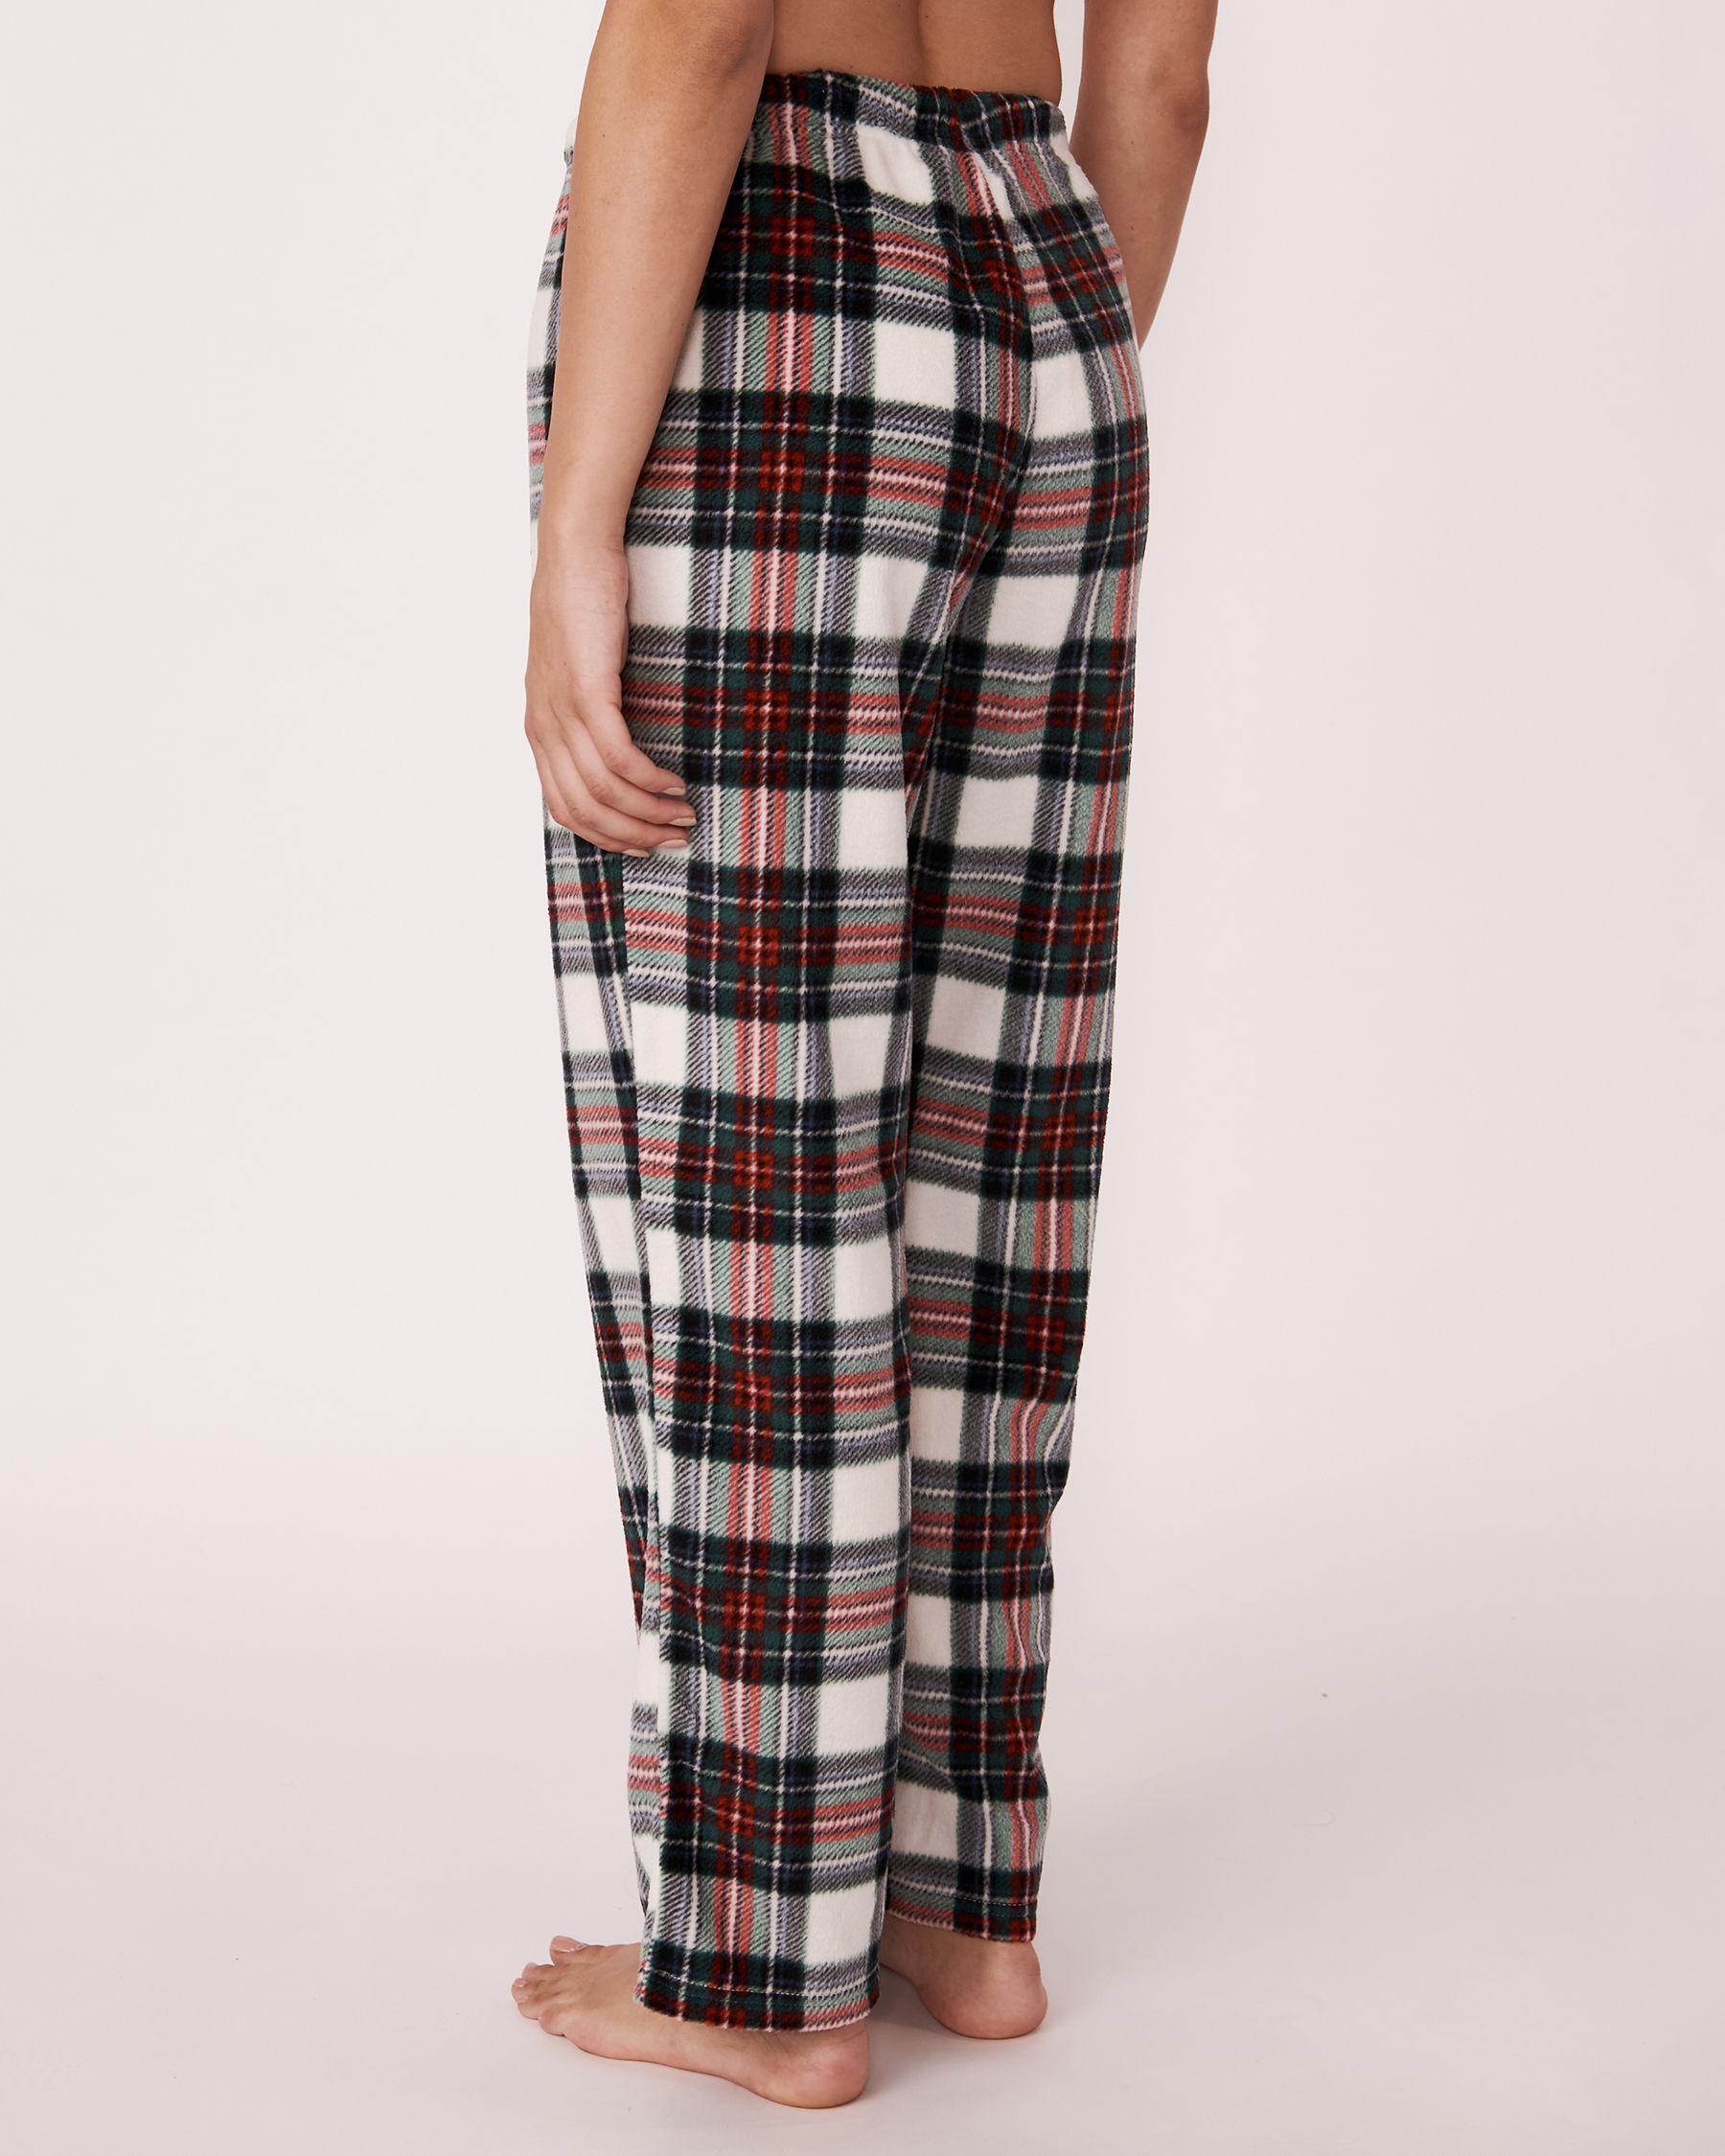 LA VIE EN ROSE Ensemble pyjama en micropolaire Tartan blanc 263-310-0-09 - Voir5